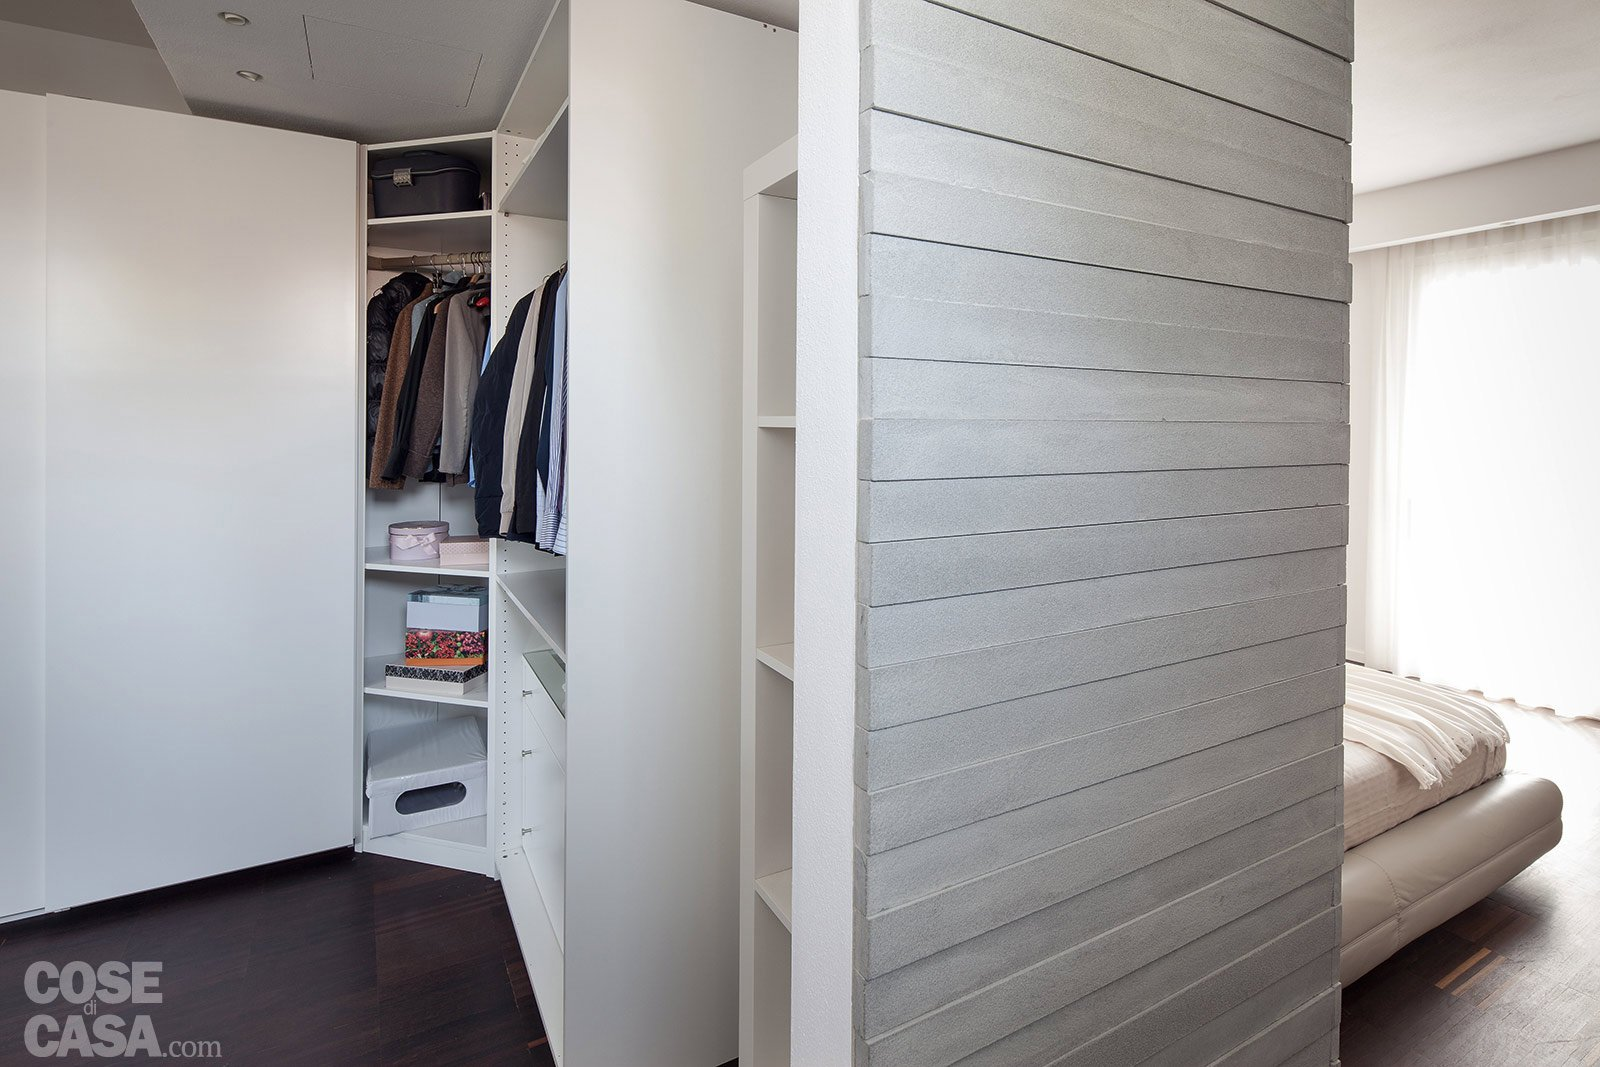 Architetture in piena luce cose di casa for Camminare nelle planimetrie dell armadio